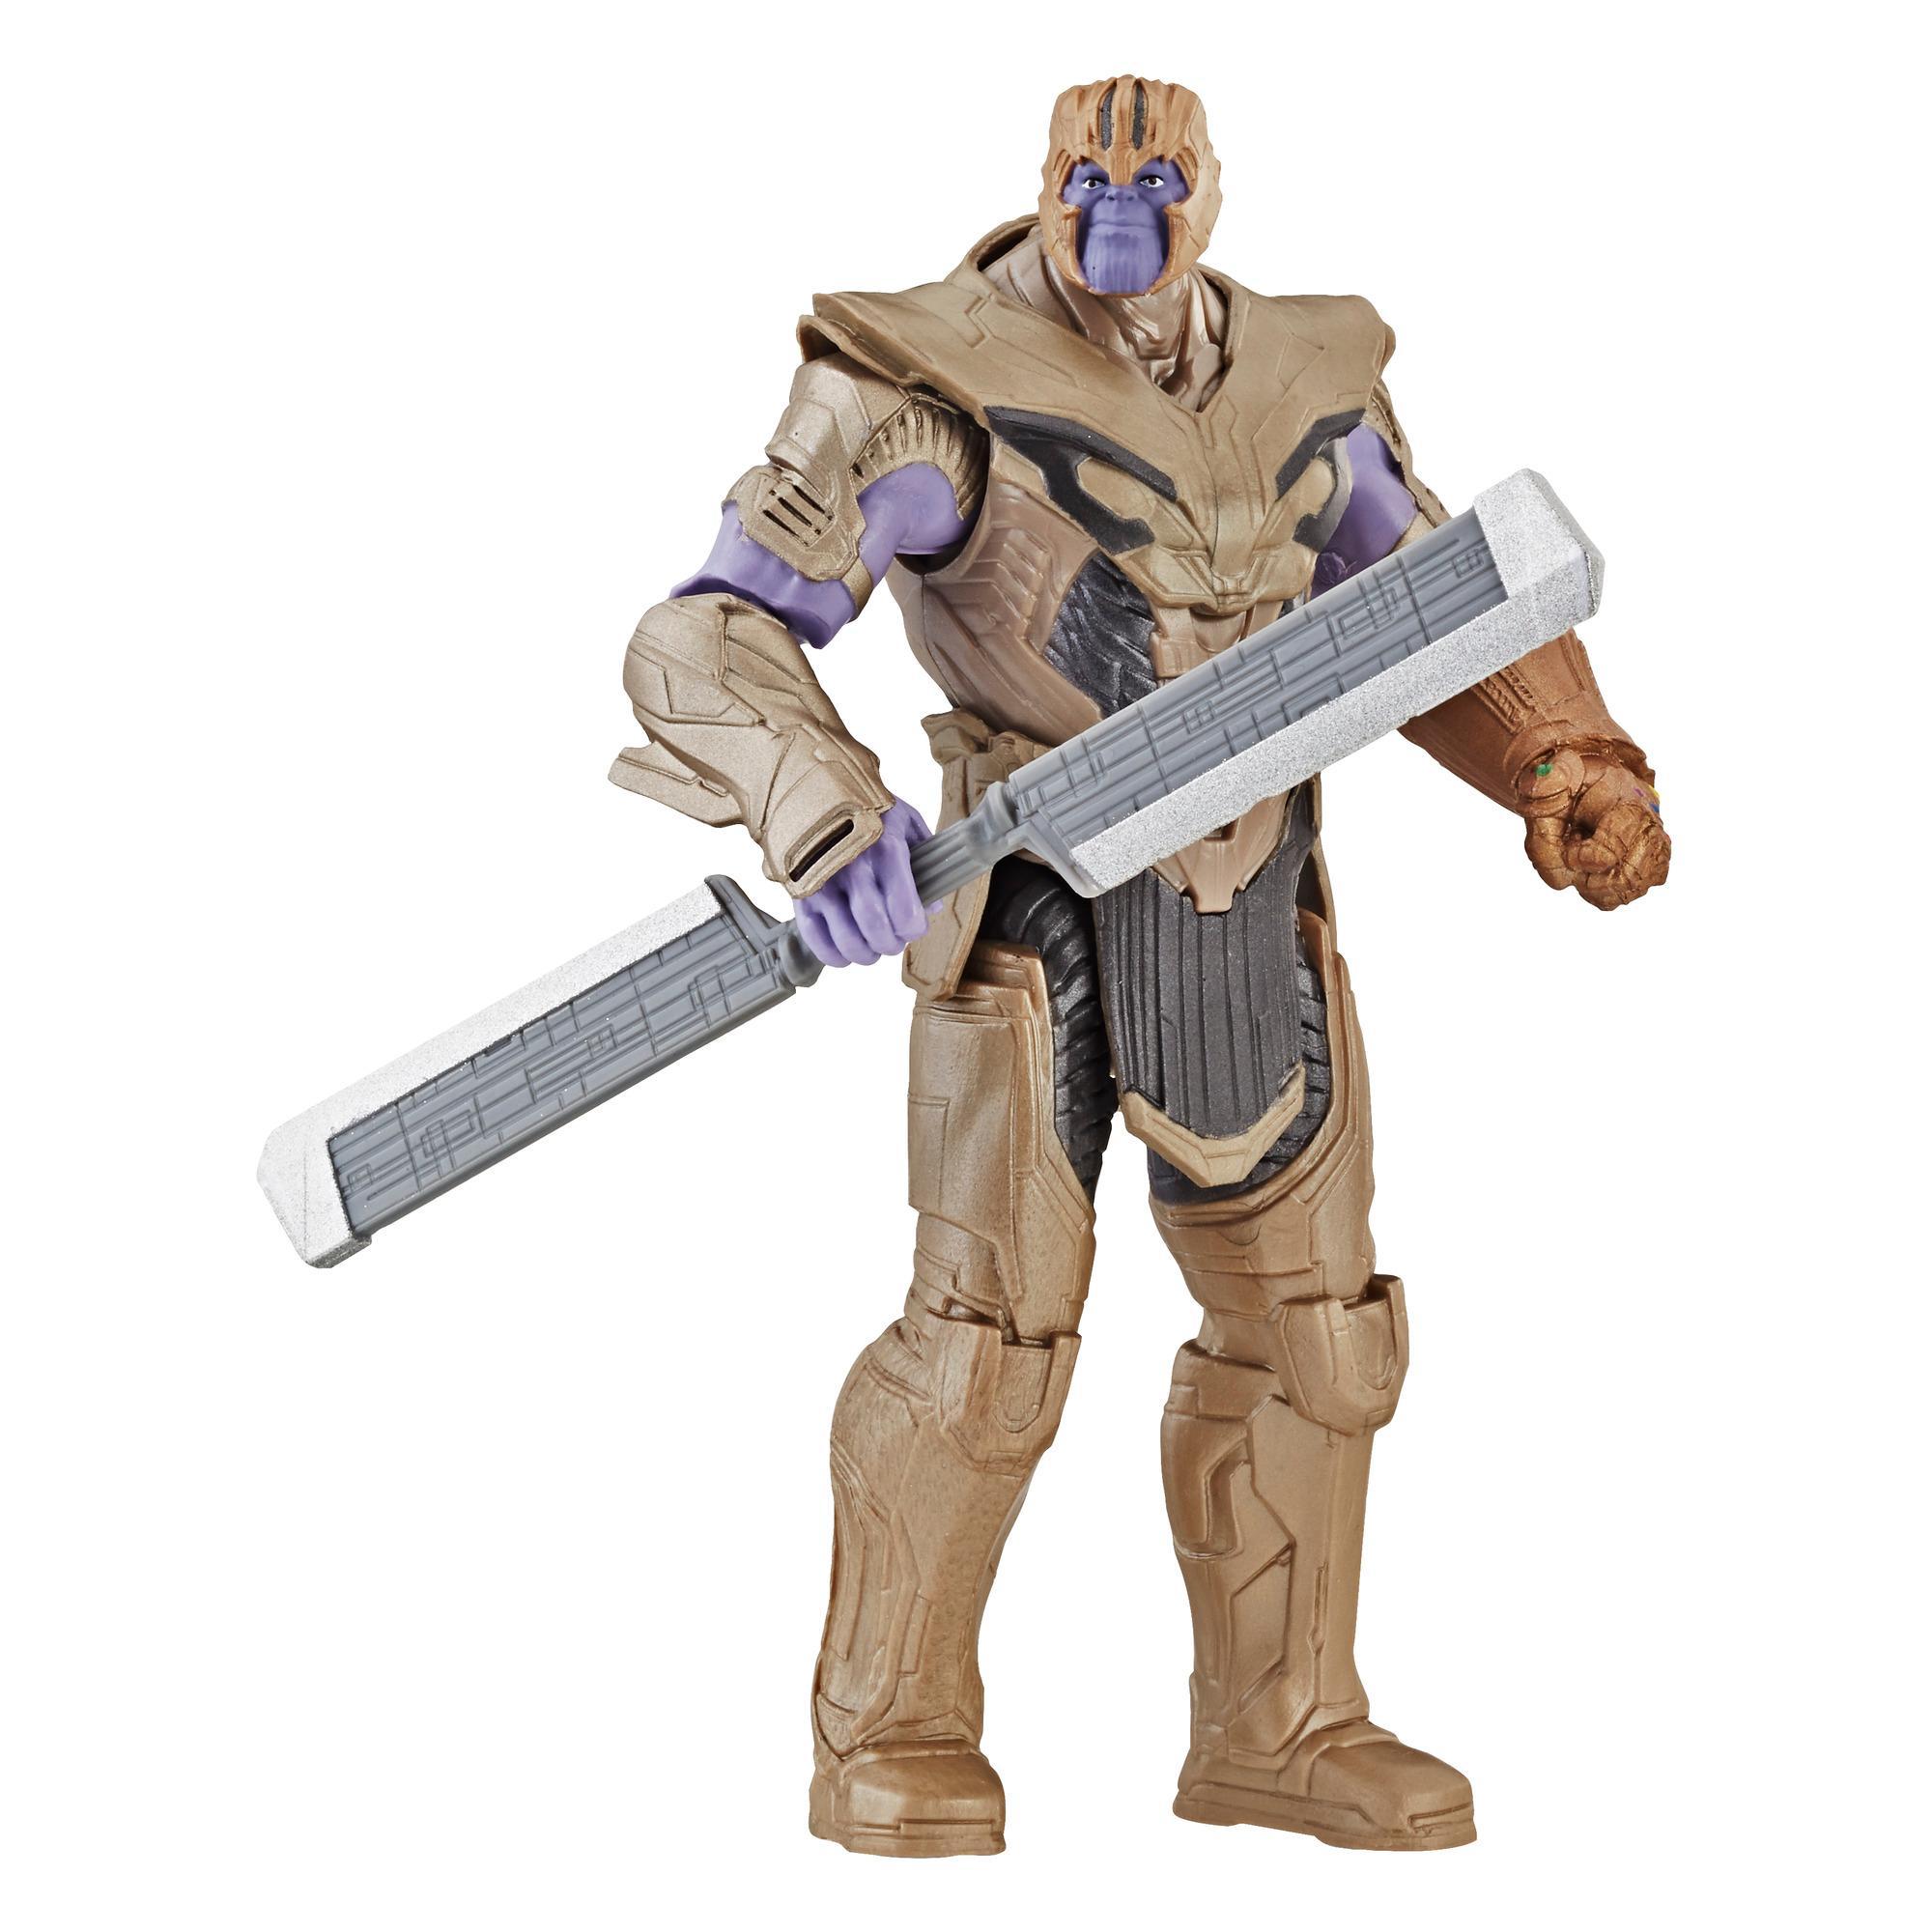 Marvel Avengers: Endgame Warrior Thanos Deluxe Figure